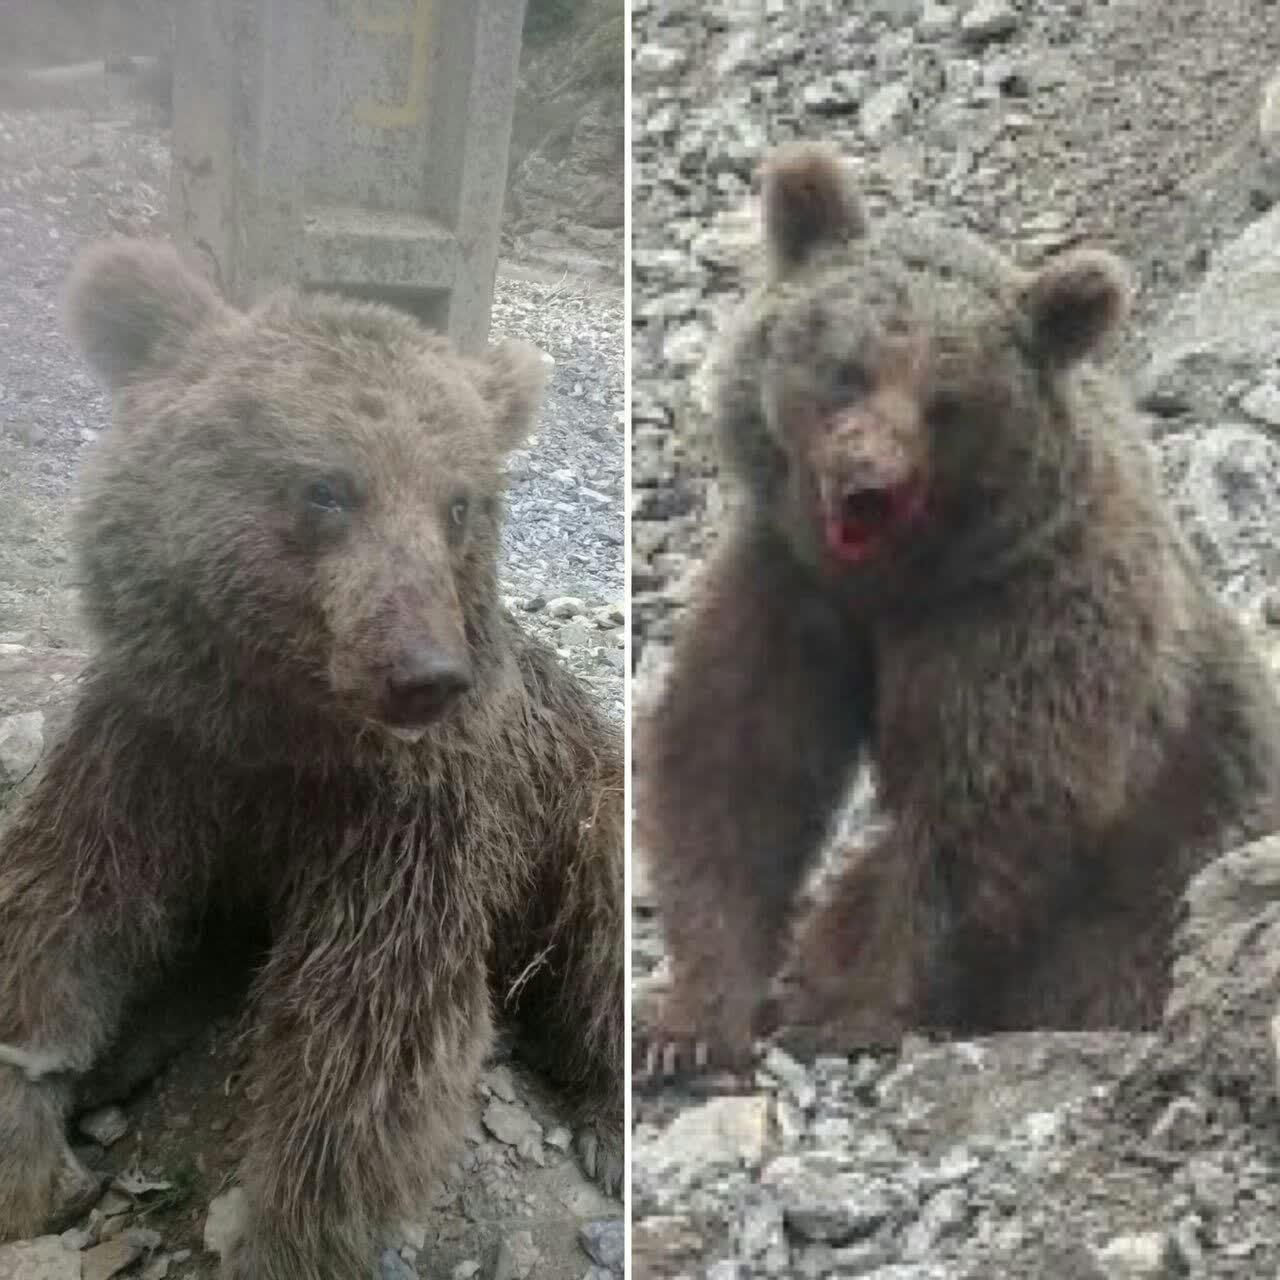 ردگیری حمله کنندگان به توله خرس در مازندران